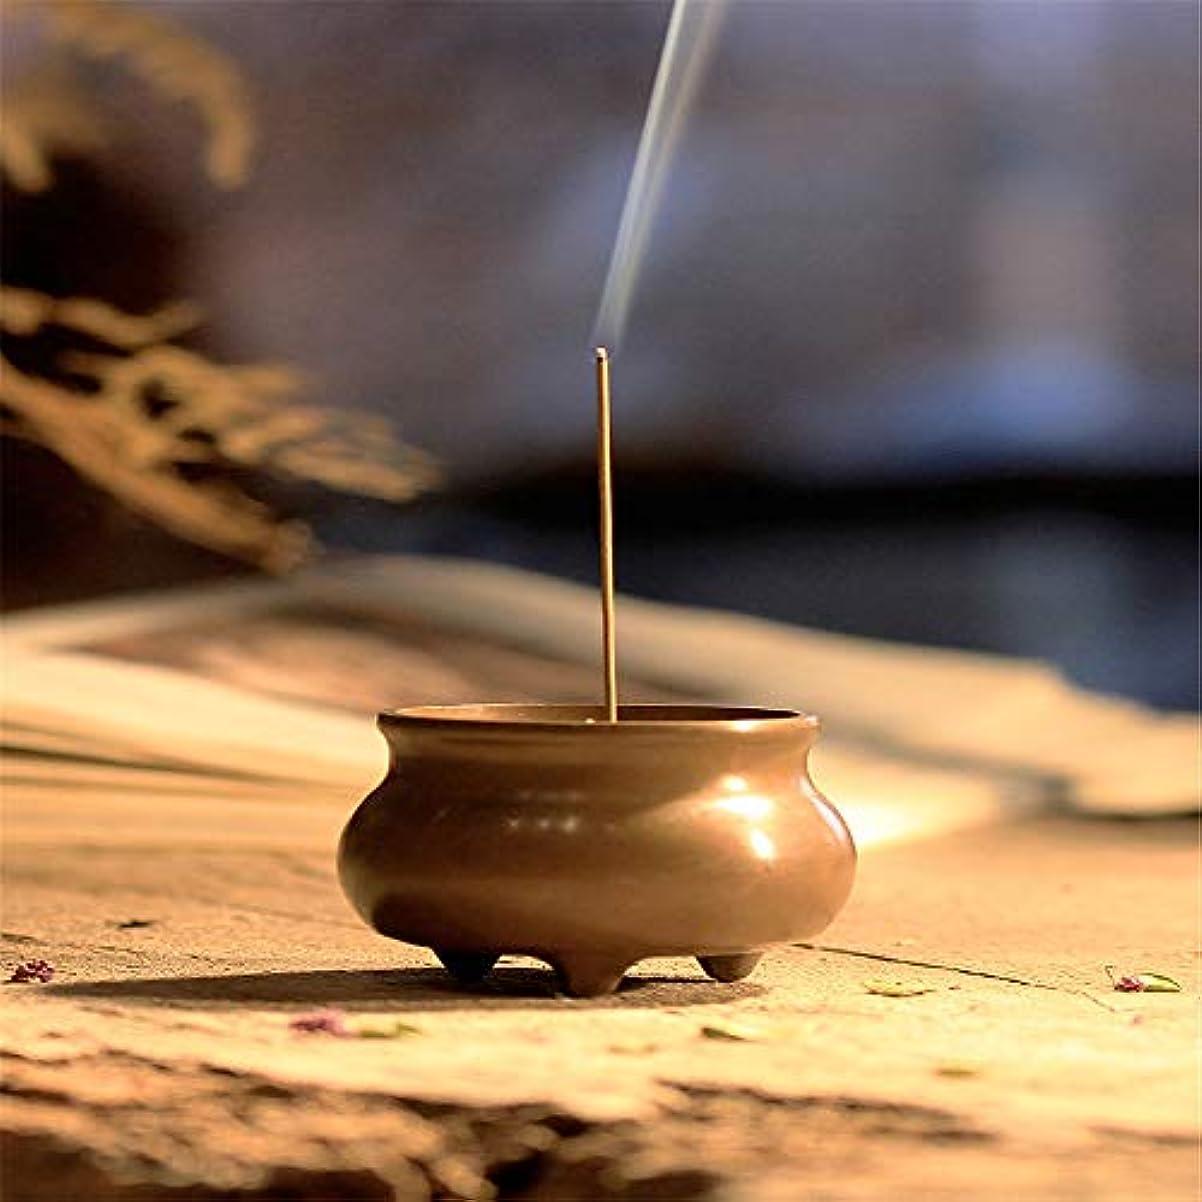 カウンタペンフレンド行ミニ家庭用銅香炉寒天炉小さな銅炉ホームオフィス茶室ホーム装飾用香炉に戻る4.8 * 3.8 * 3.6 cm